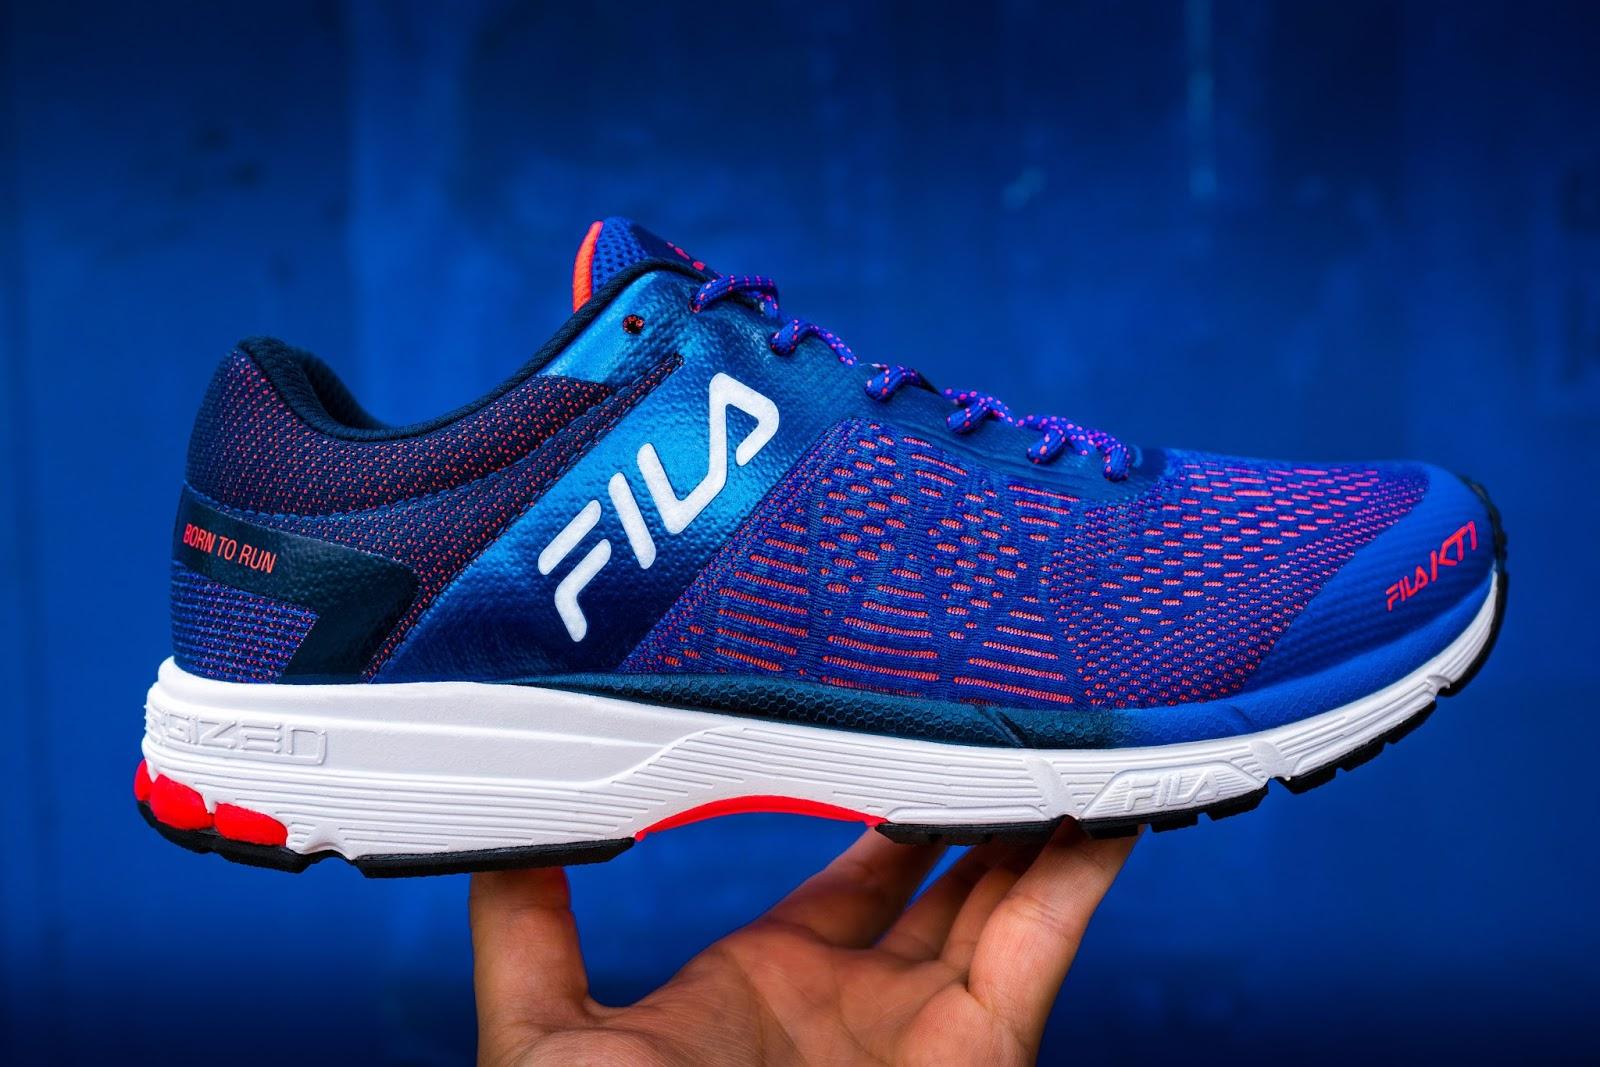 c417ef77947 KT1 é o mais novo calçado da linha Fila Running